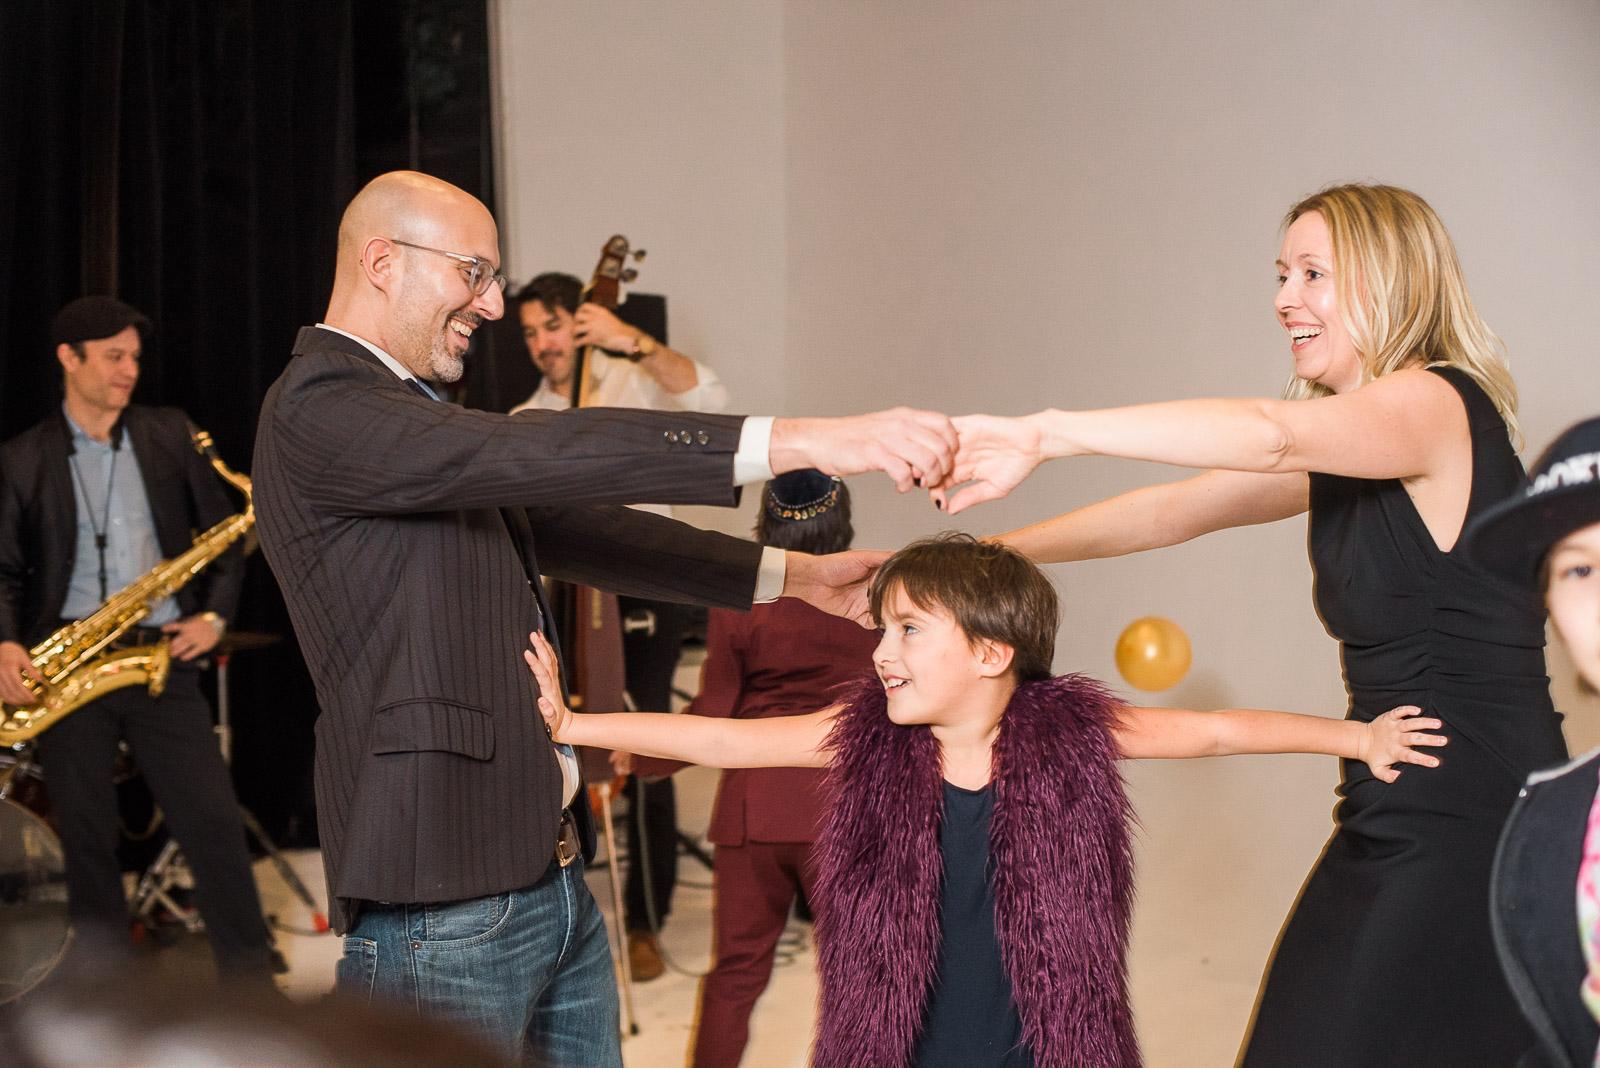 Parents dancing/Bat mitzvah photographers